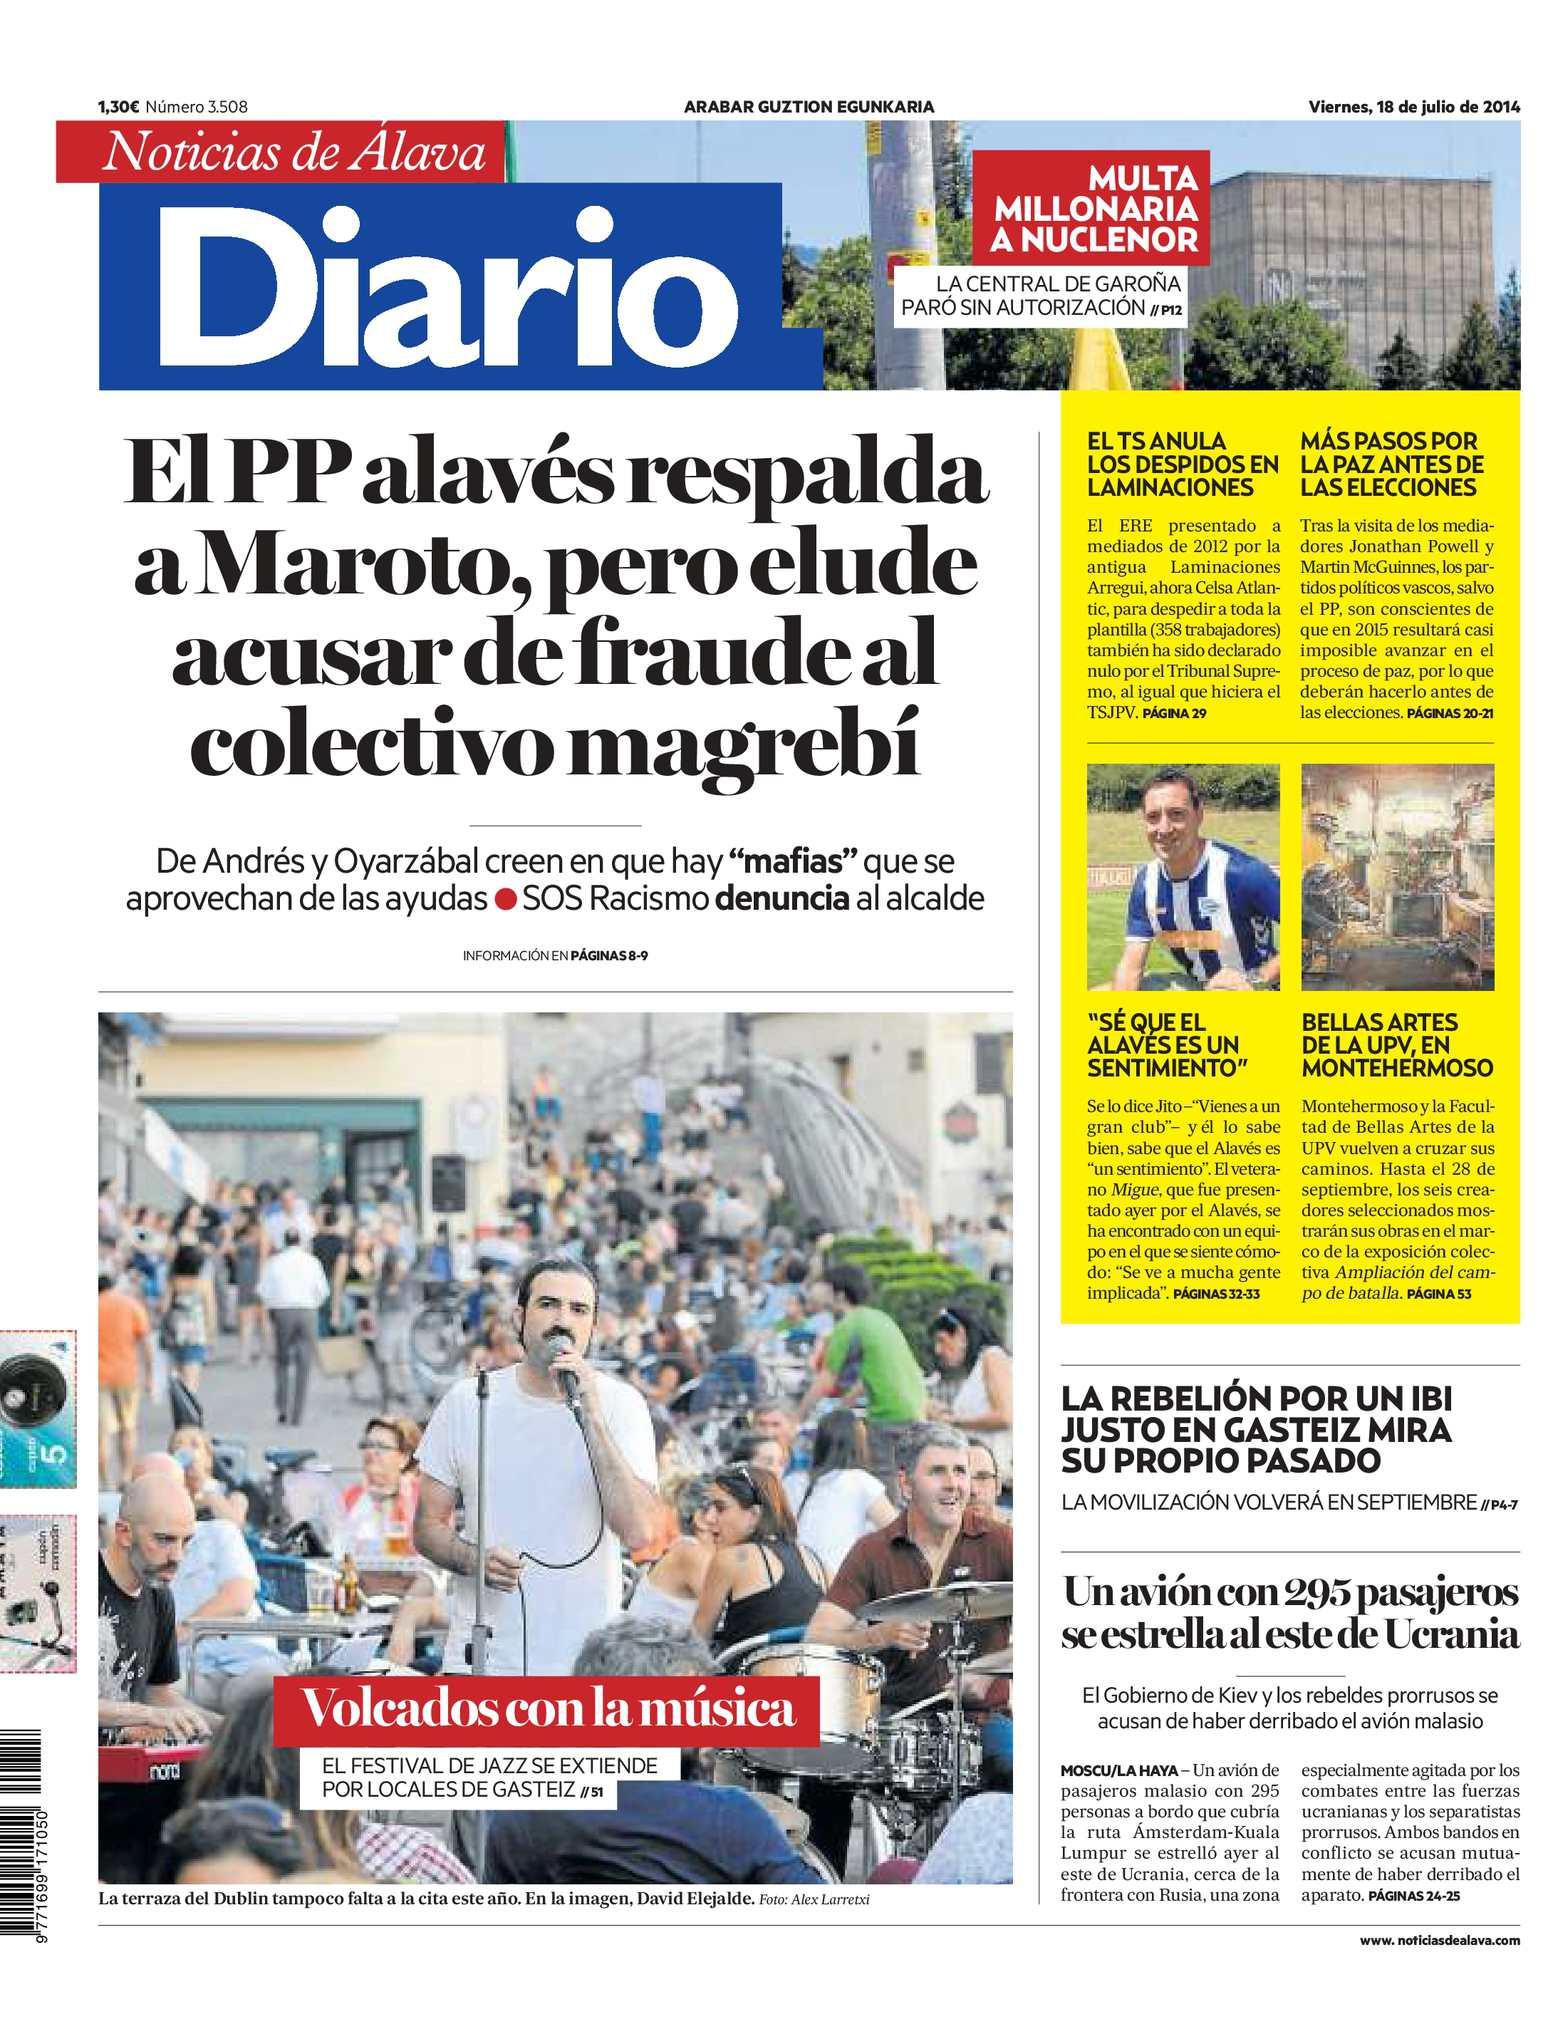 Calaméo - Diario de Noticias de Álava 20140718